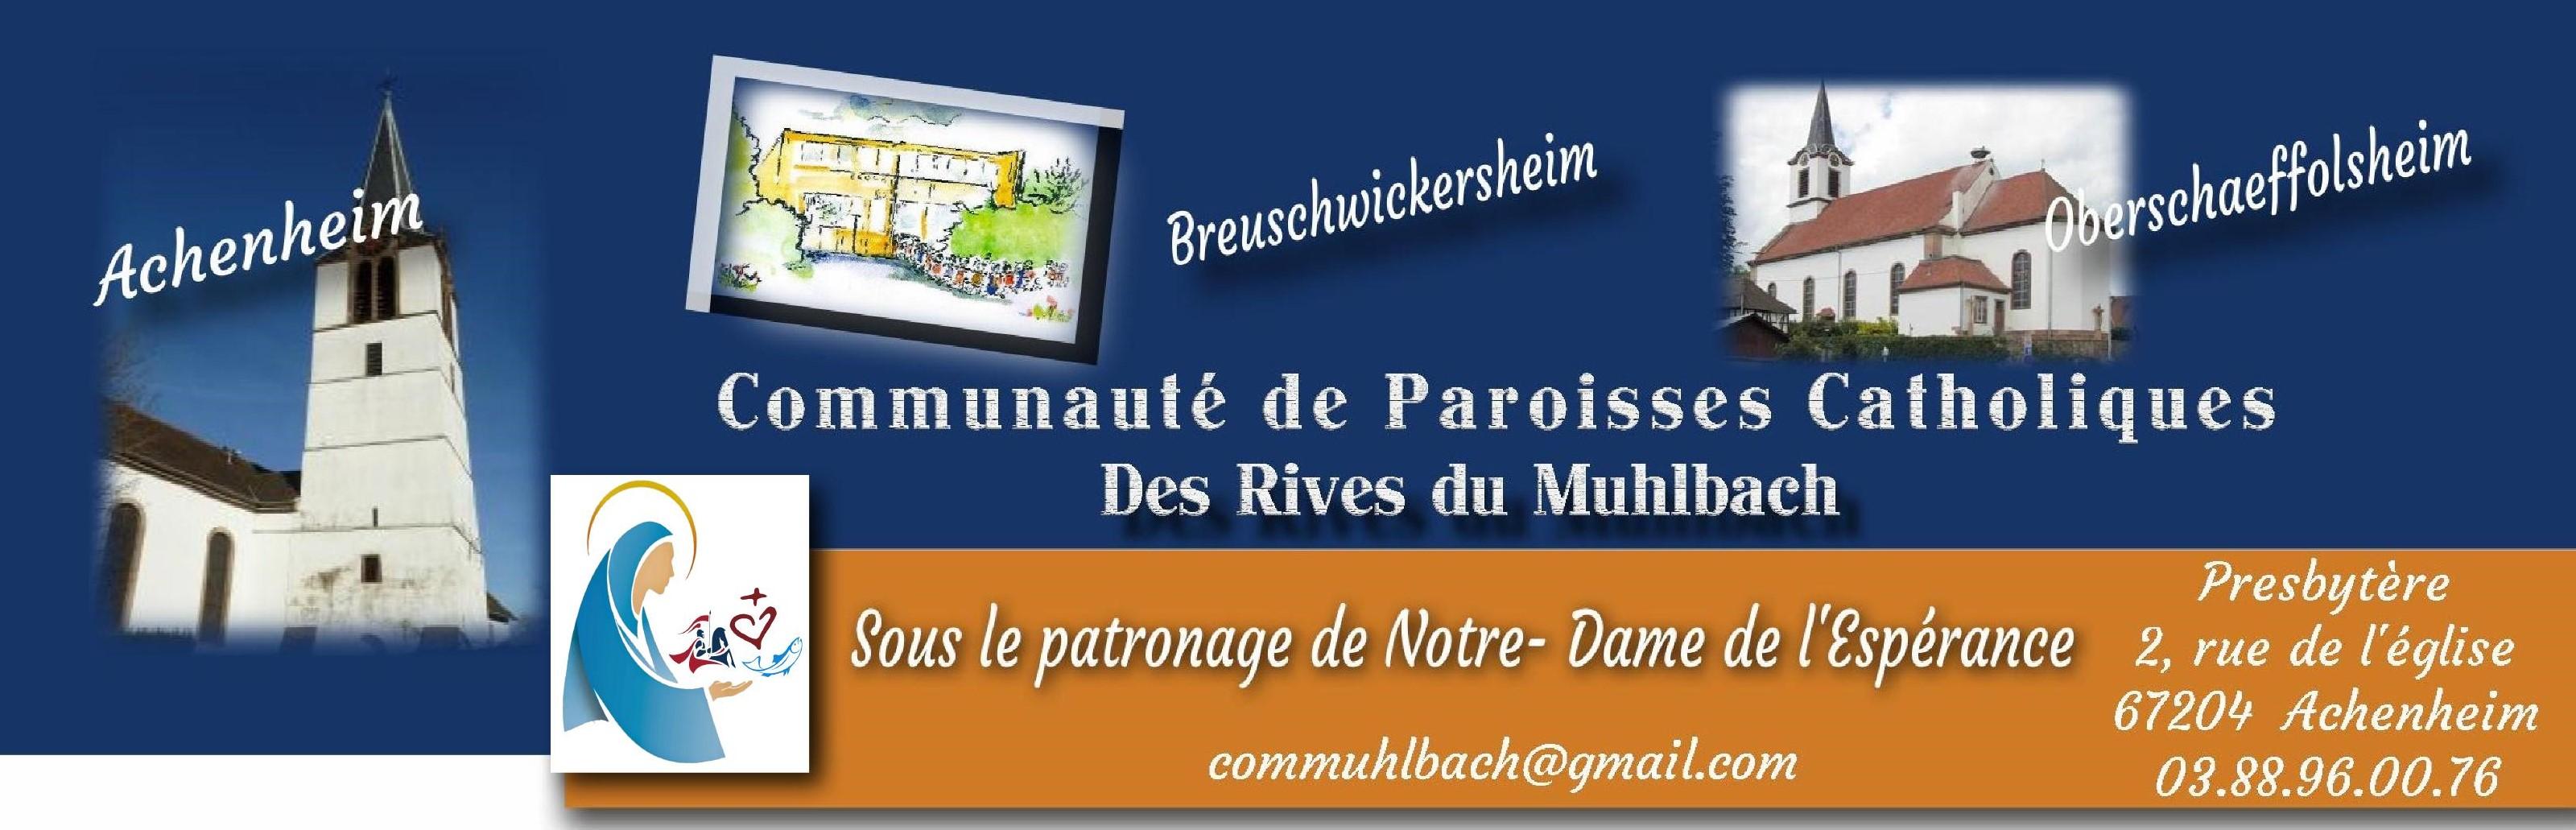 Communauté de paroisses des Rives du Muhlbach